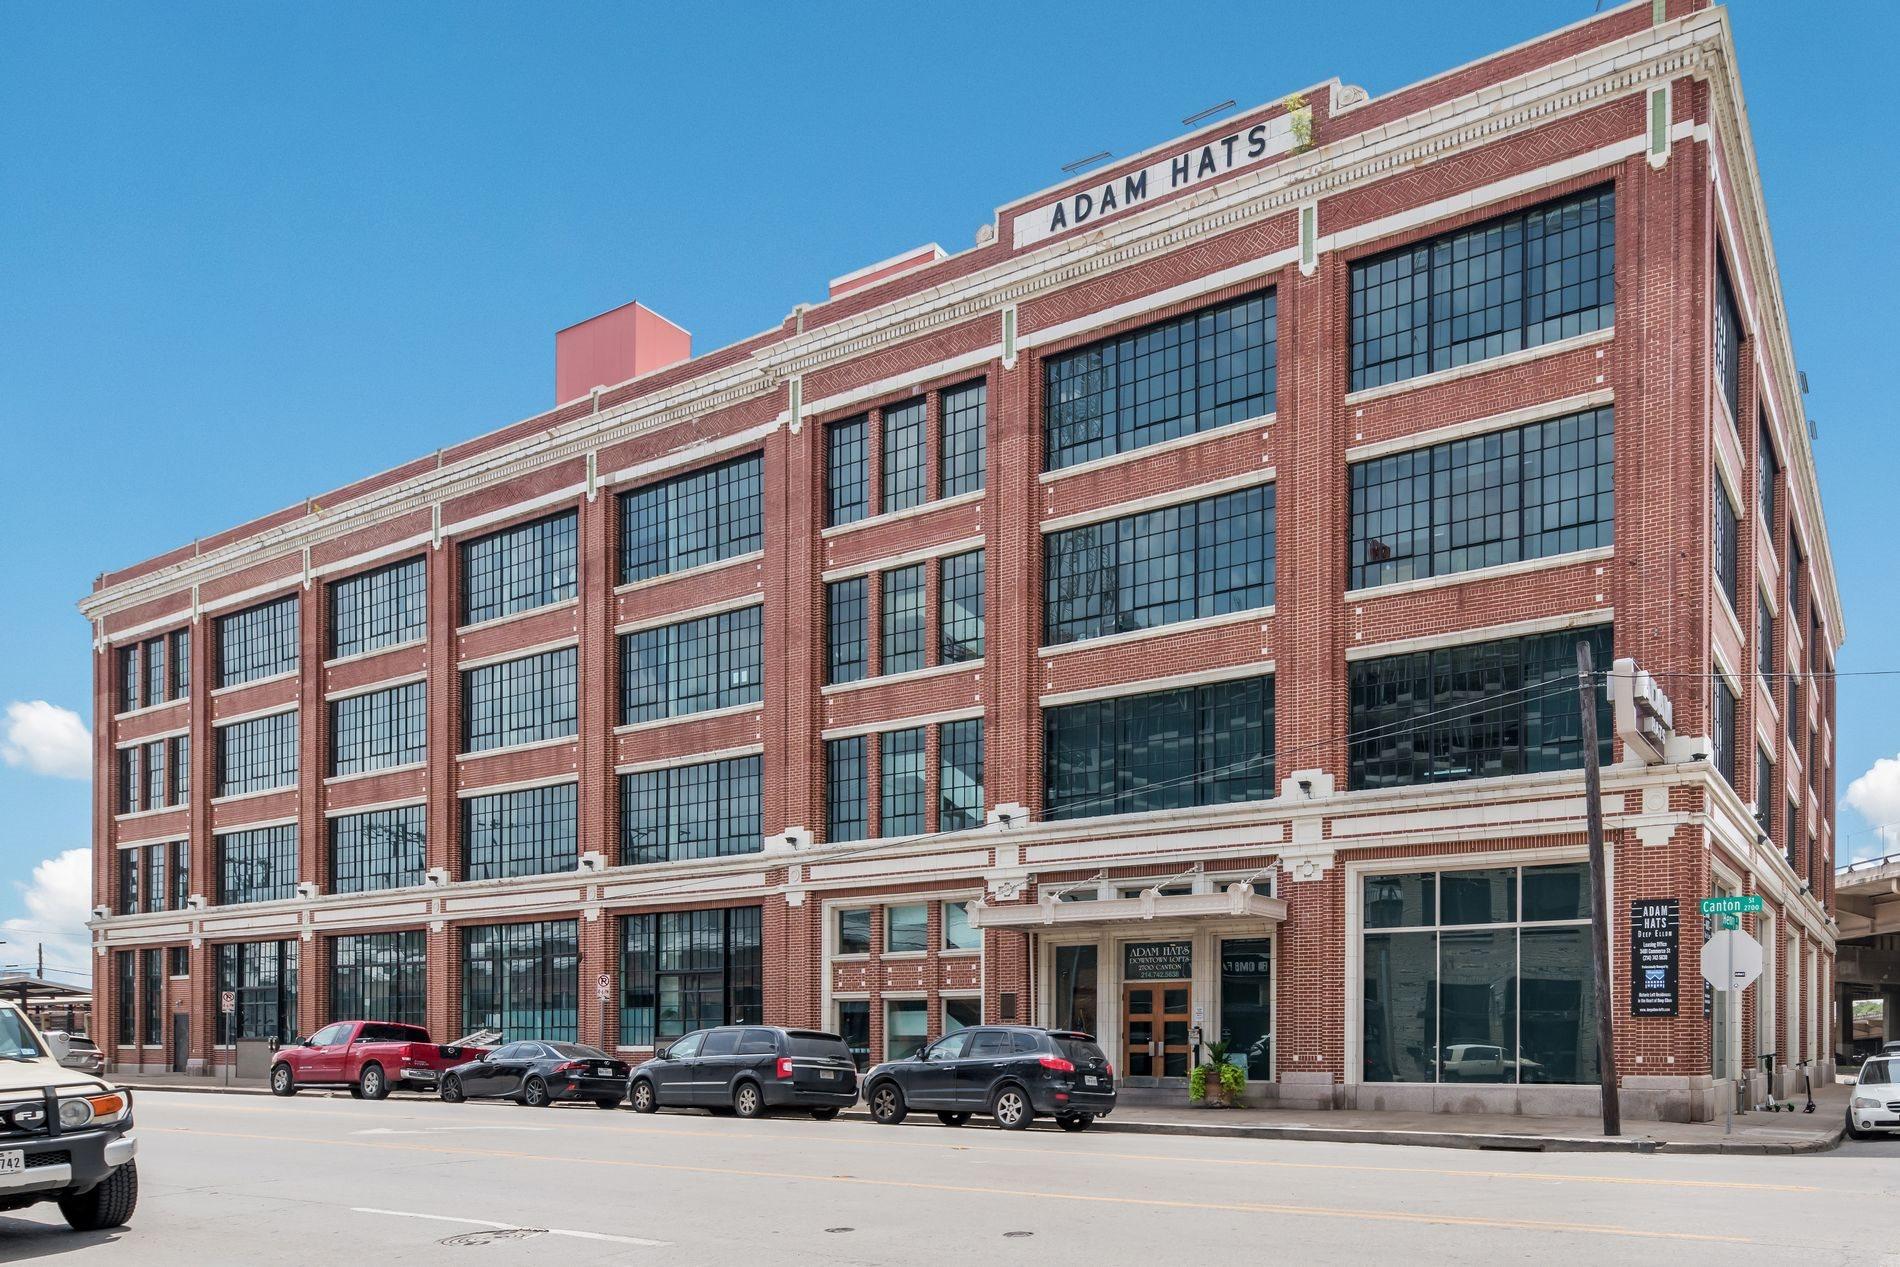 Building Exterior at Adam Hats Lofts in Deep Ellum, Dallas, Texas, TX